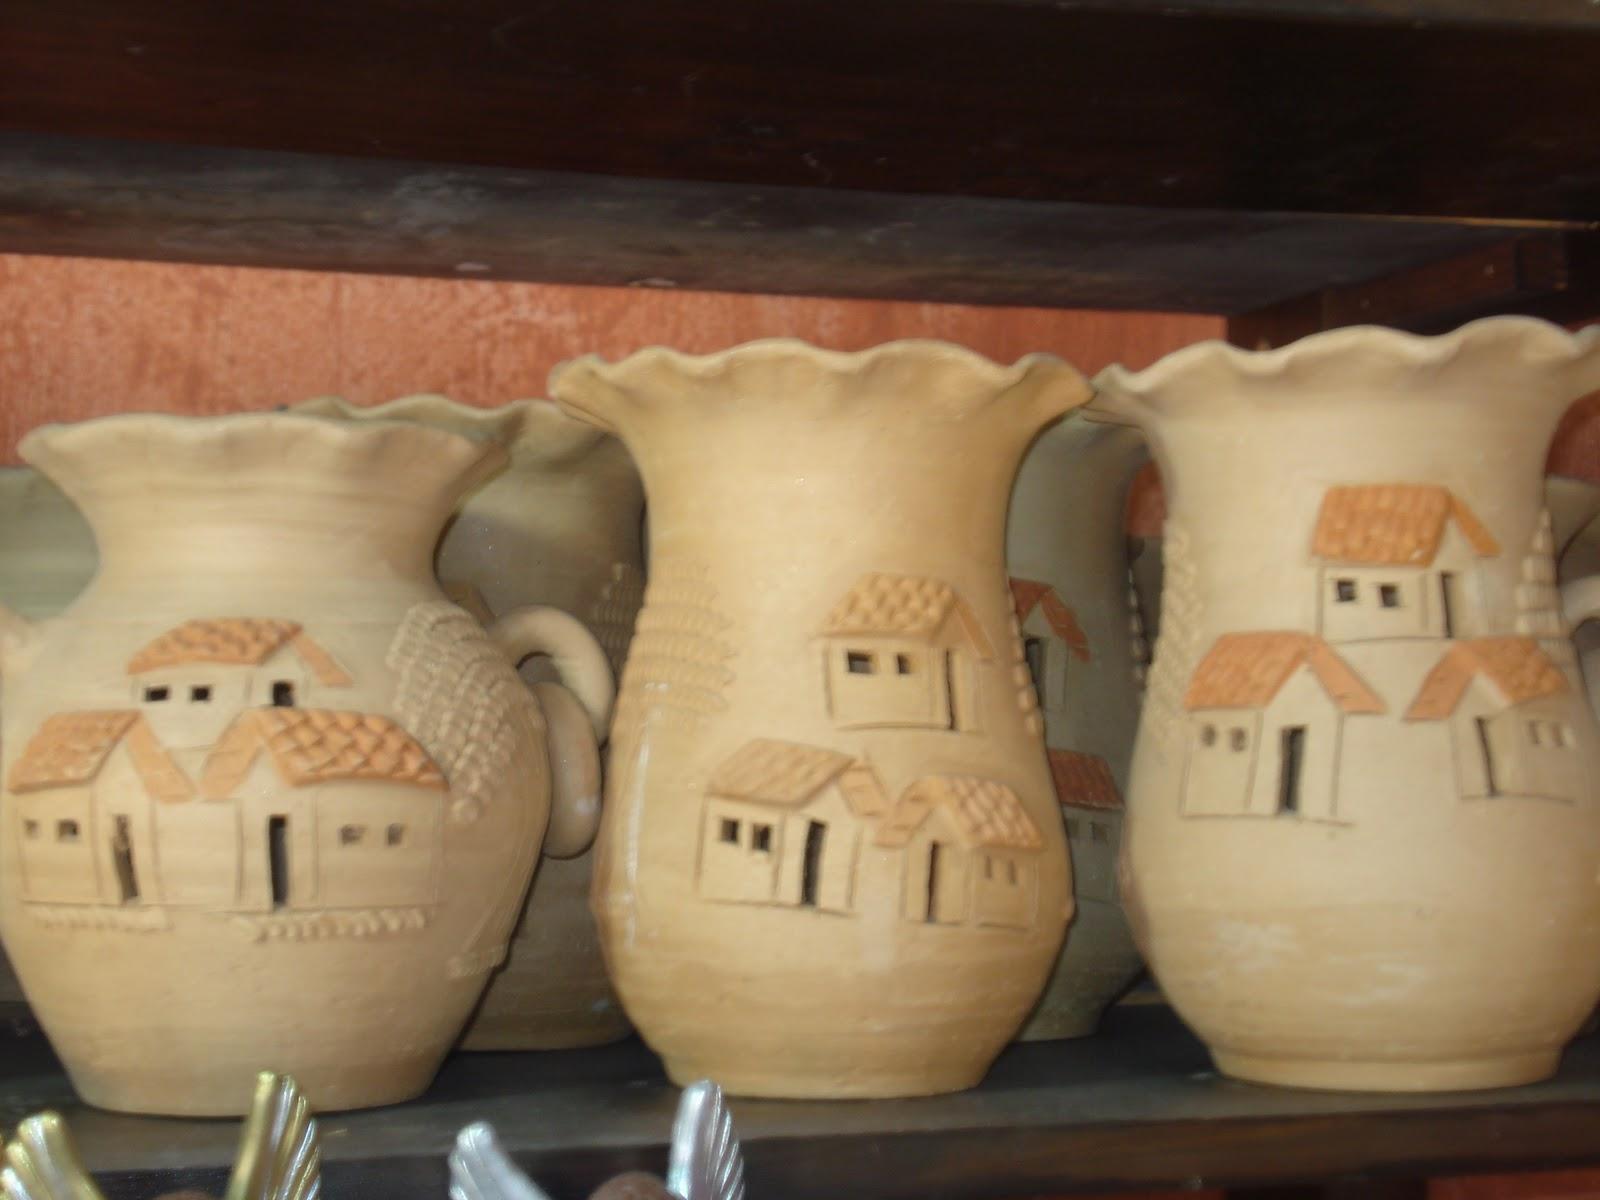 Artesanias Sarys Antigua Guatemala Decoracion